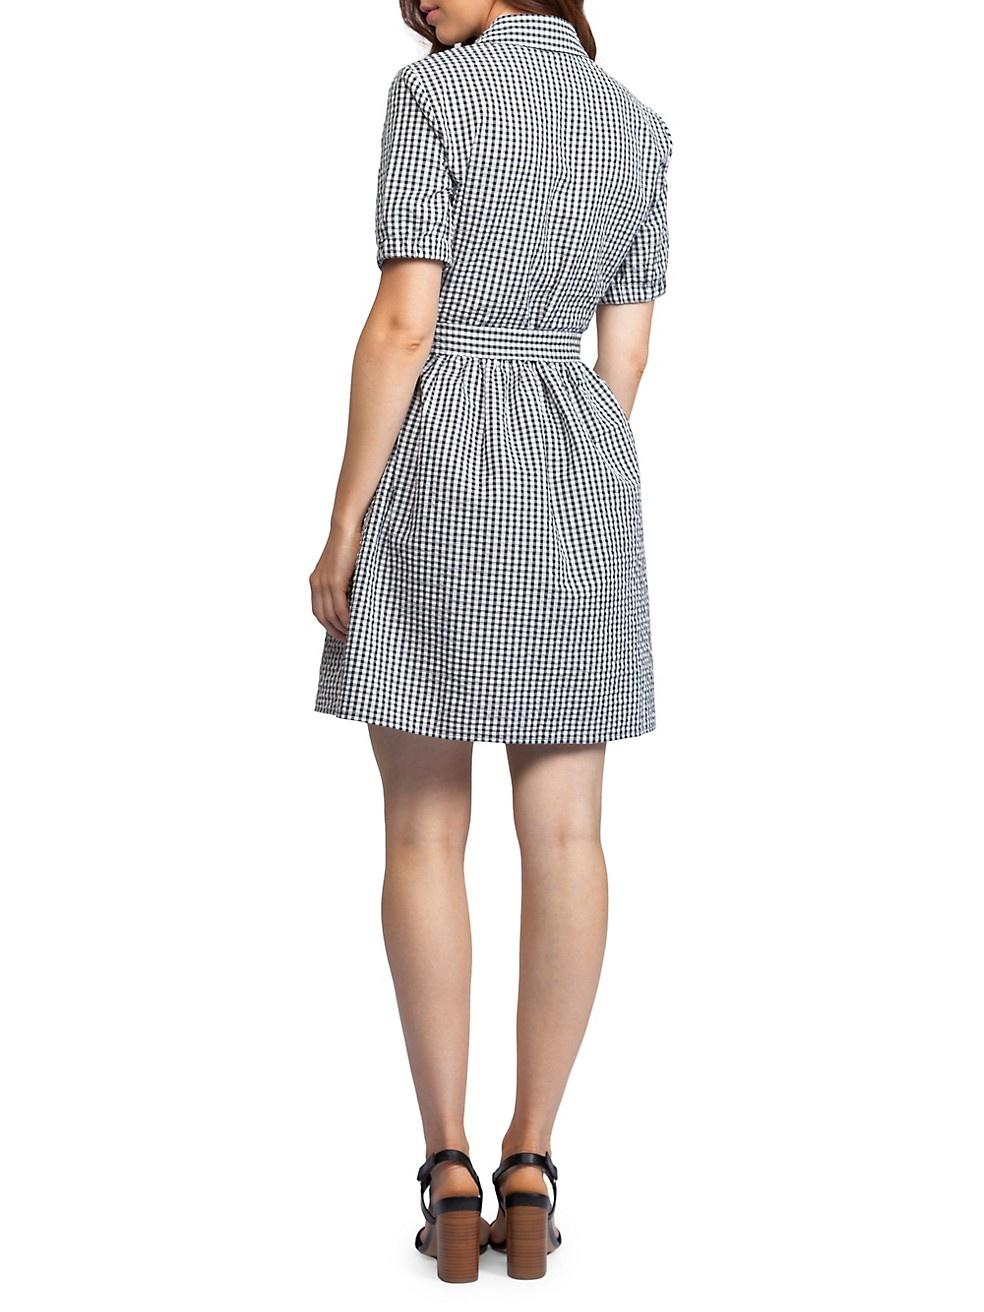 Dex Dex Check Seersucker Button Up Dress